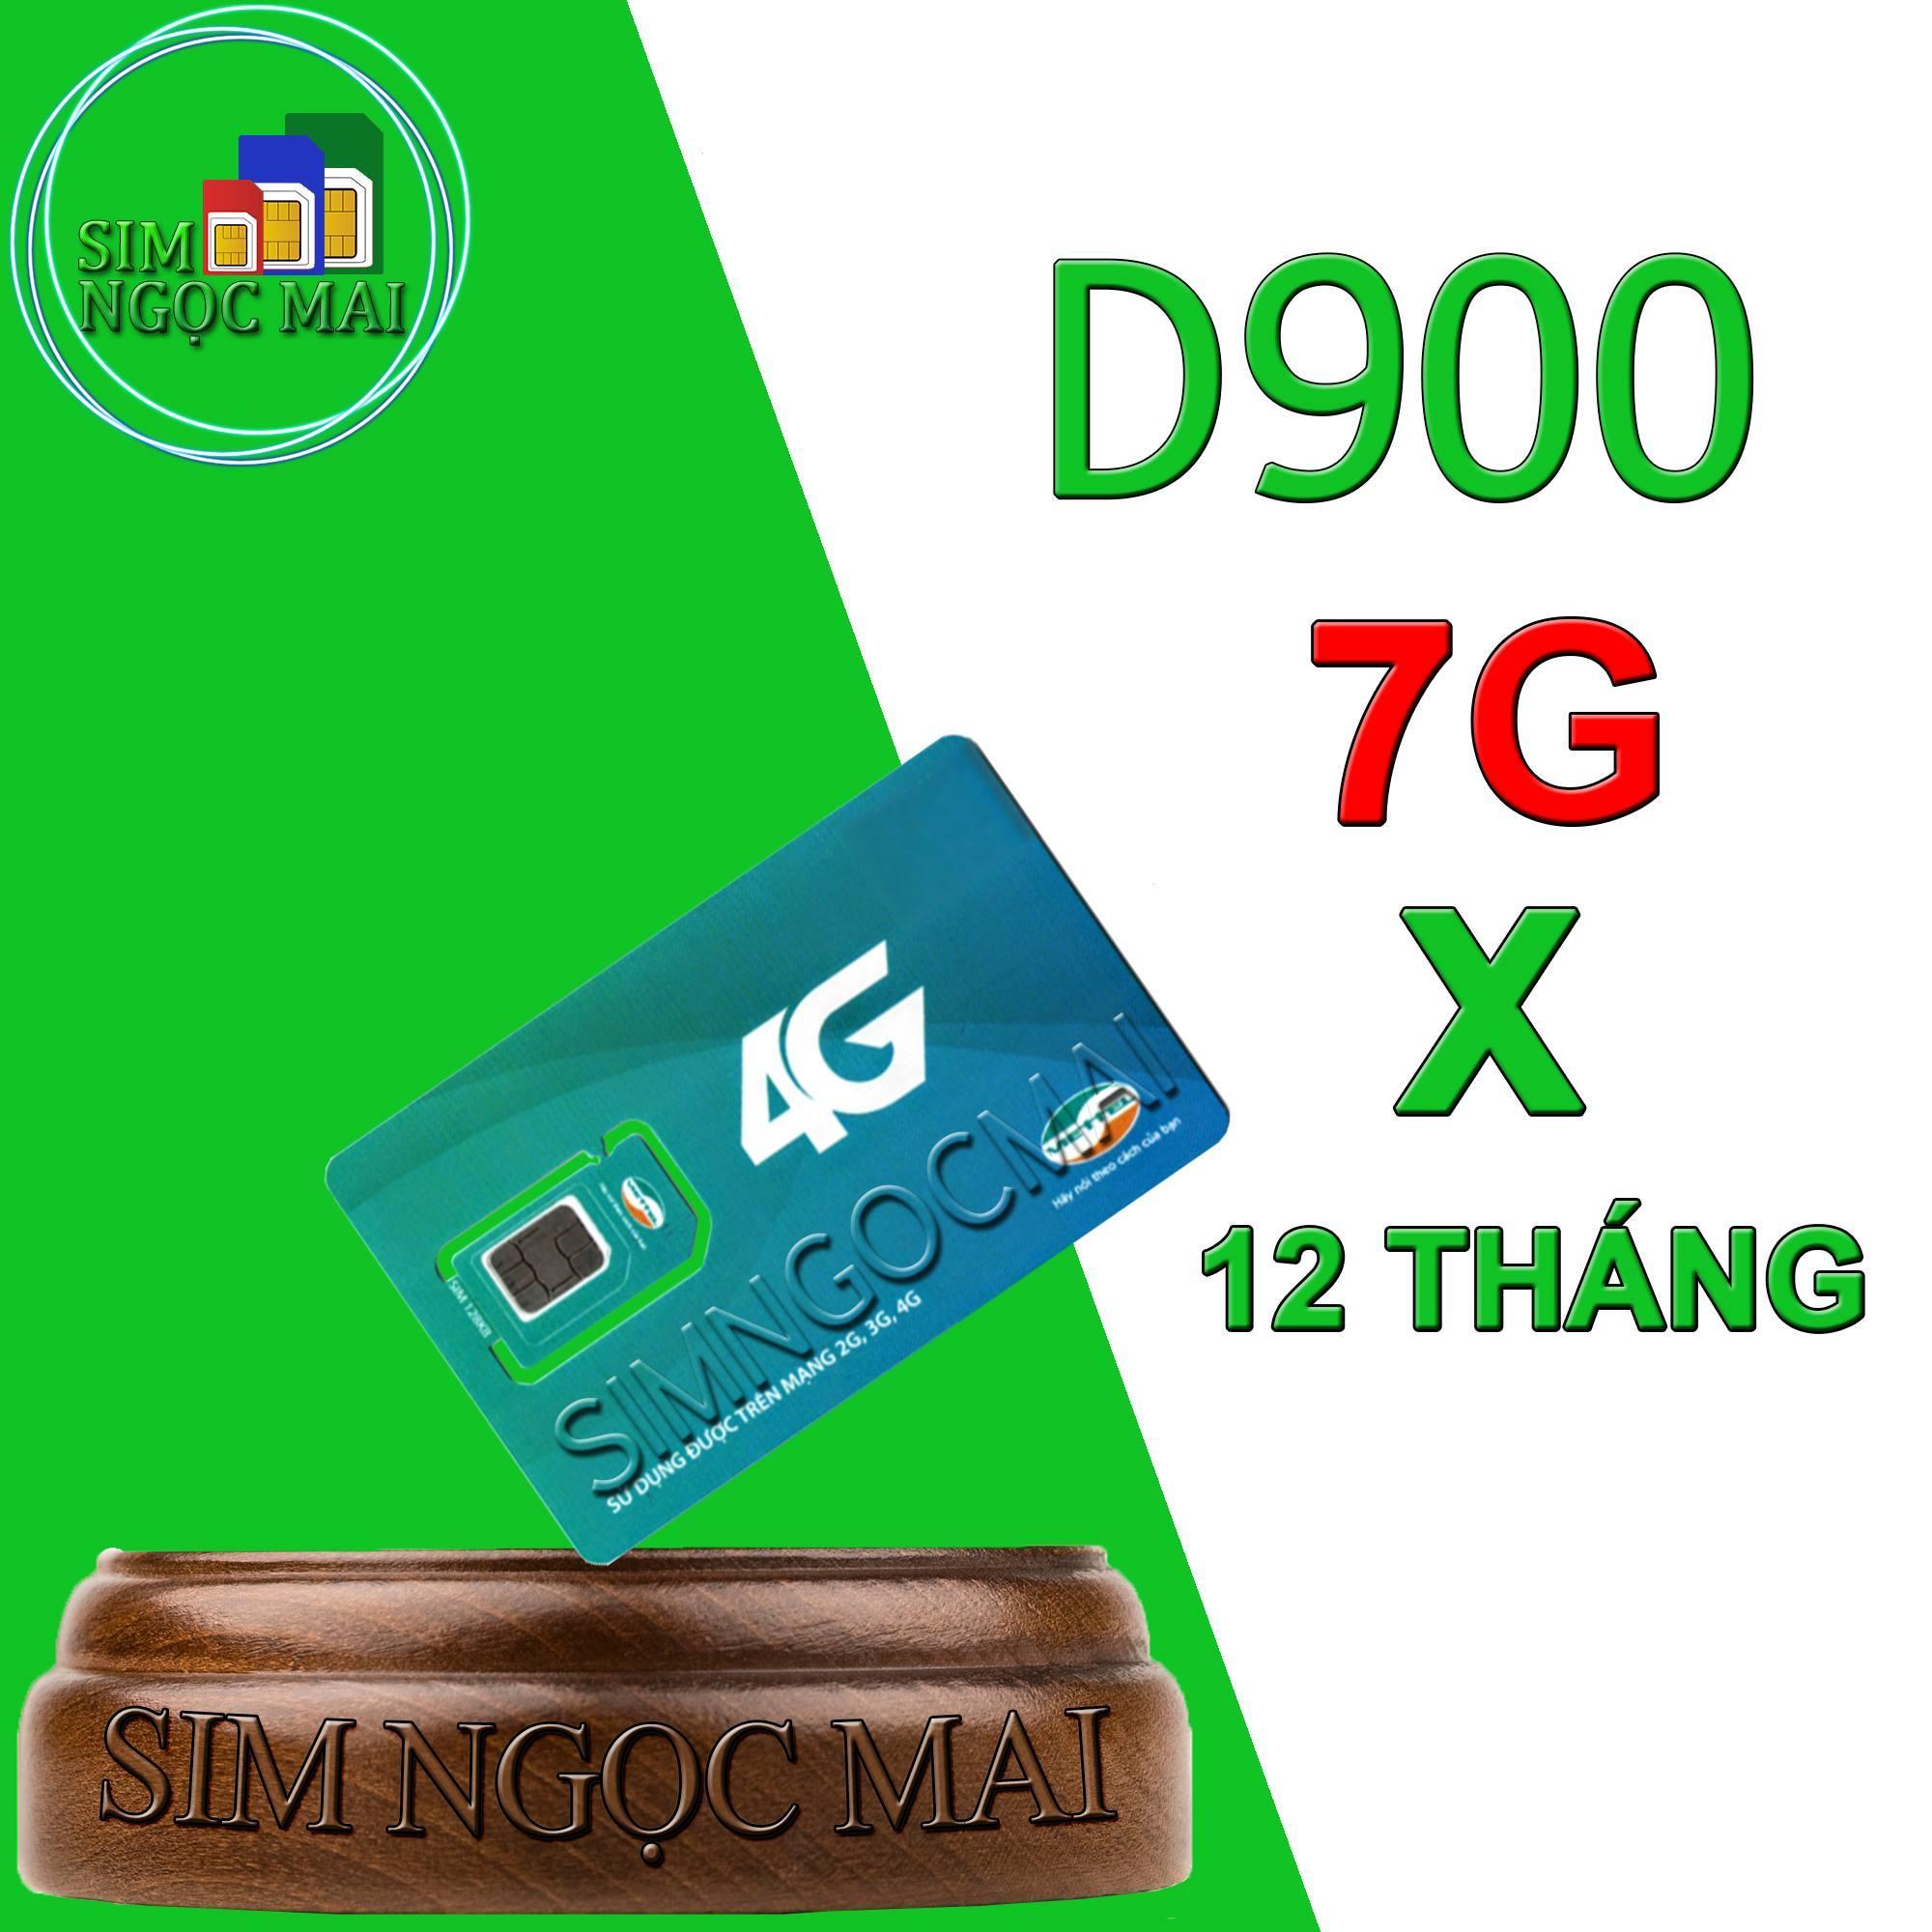 Sim 4G Viettel Trọn Gói 1 Năm Không Nạp Tiền D900 (7GB x 12 Tháng )